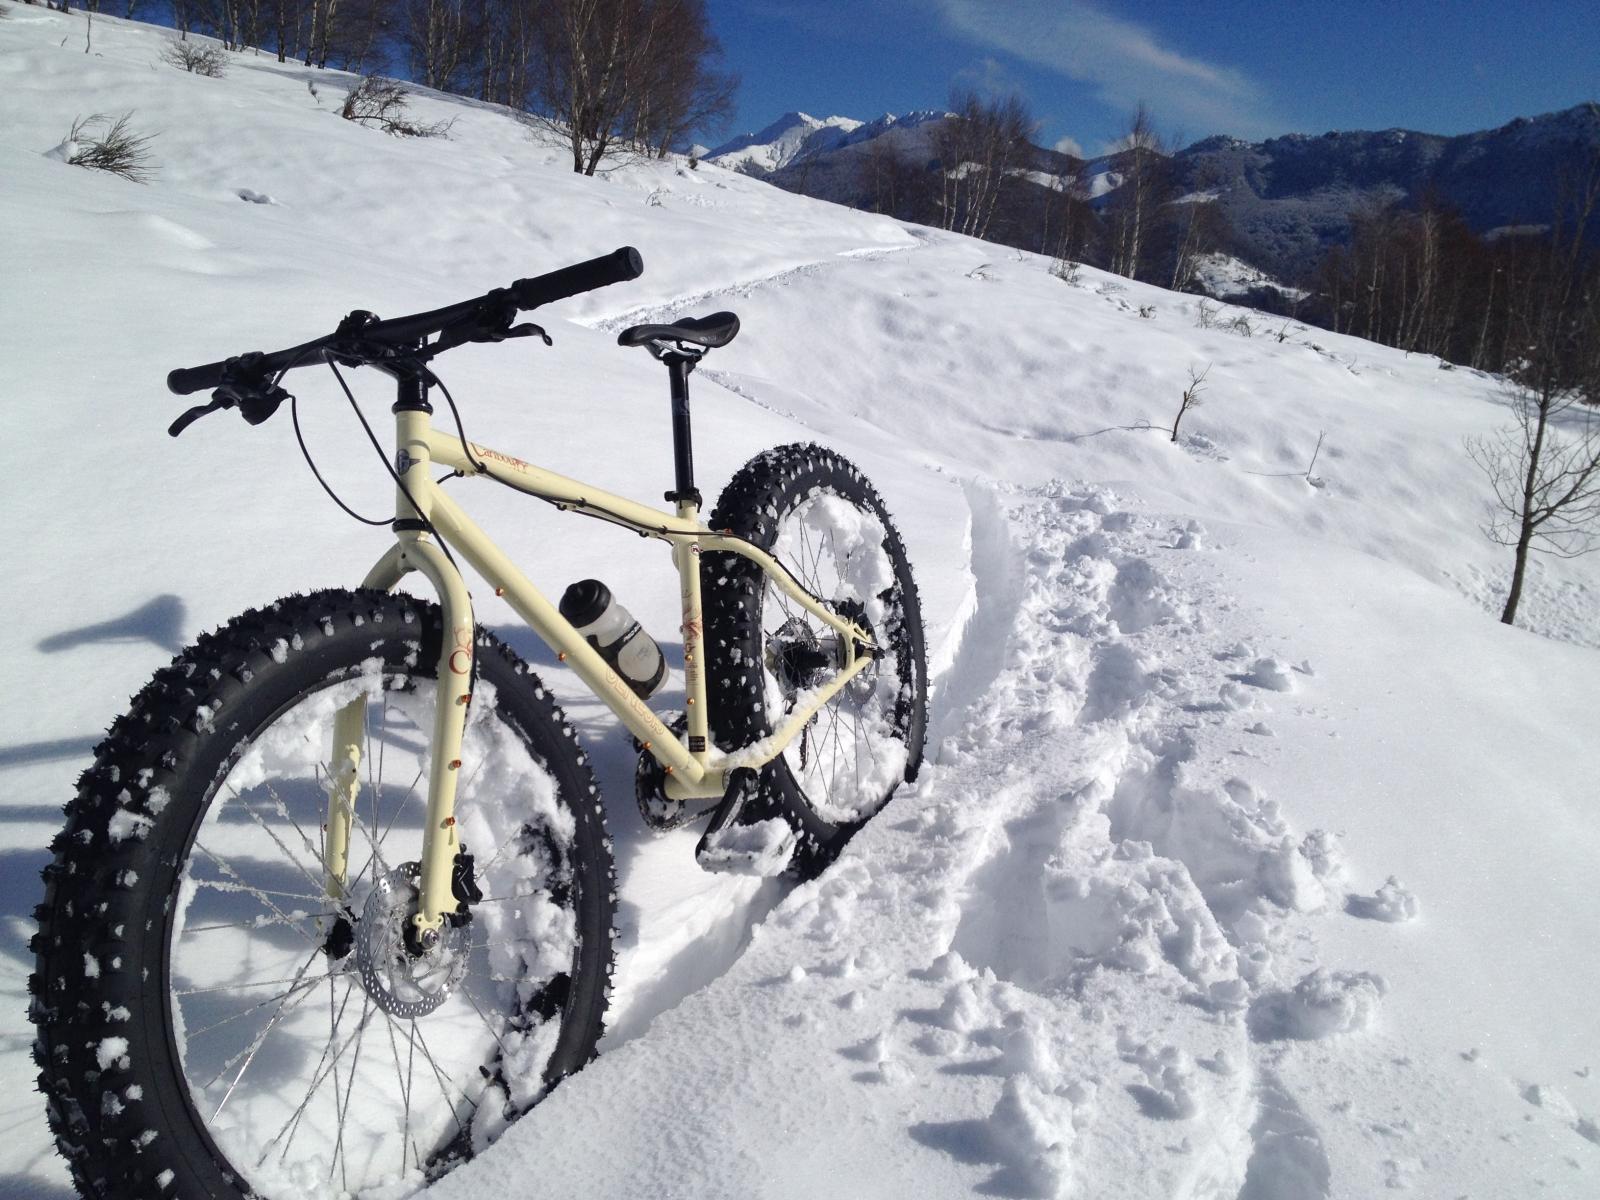 SNOW BIKE: L'EMOZIONE DELLA MTB SULLA NEVE